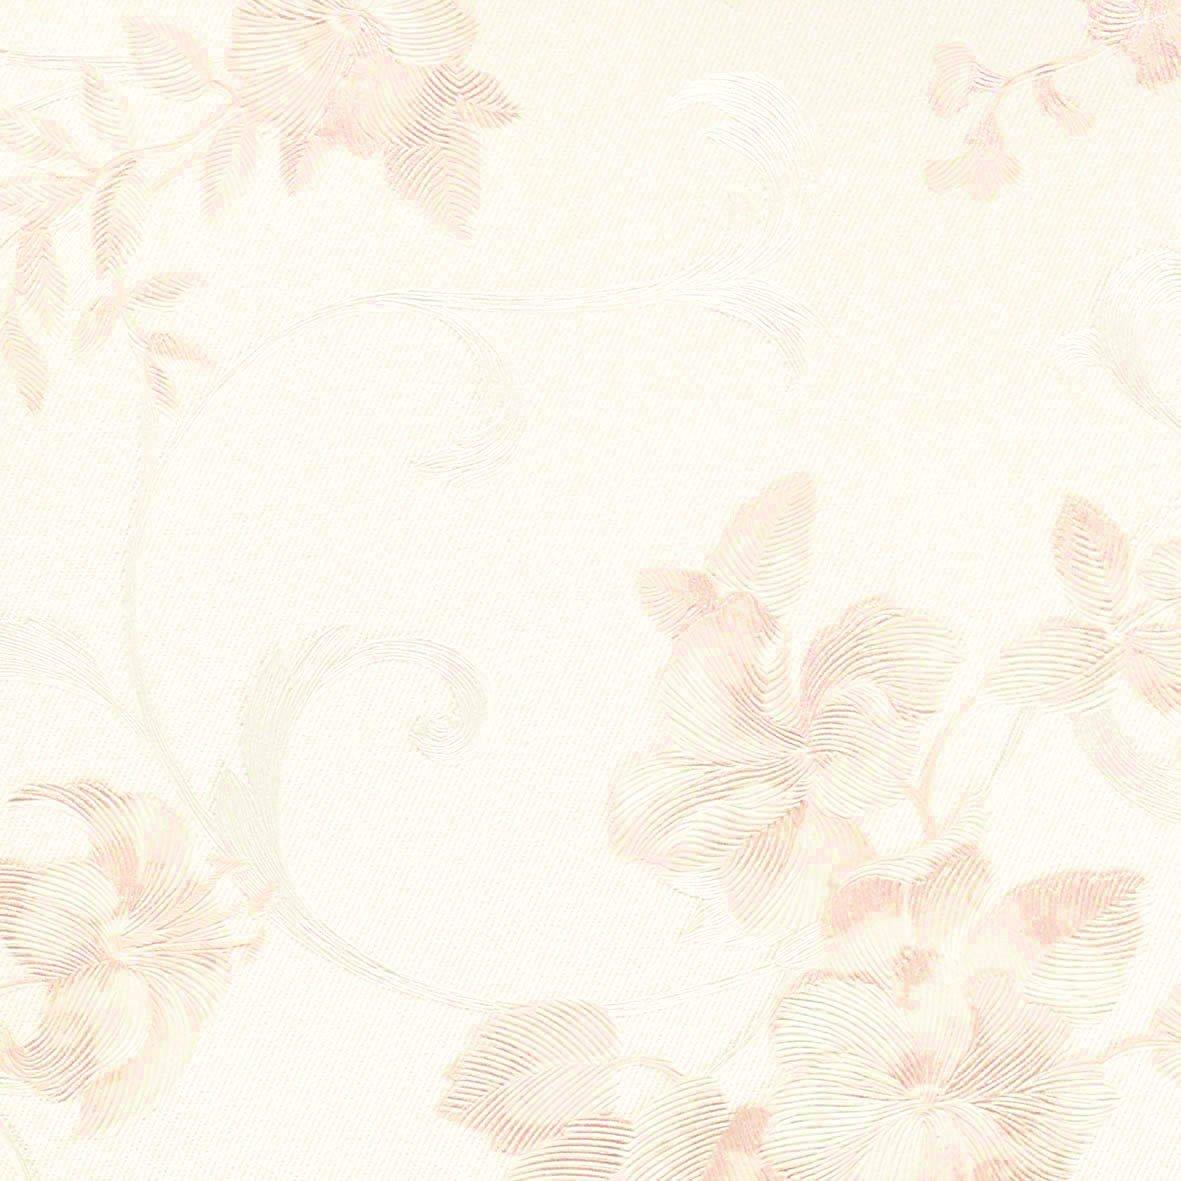 リリカラ 壁紙37m フェミニン 花柄 ベージュ LL-8349 B01N0A9XCR 37m|ベージュ